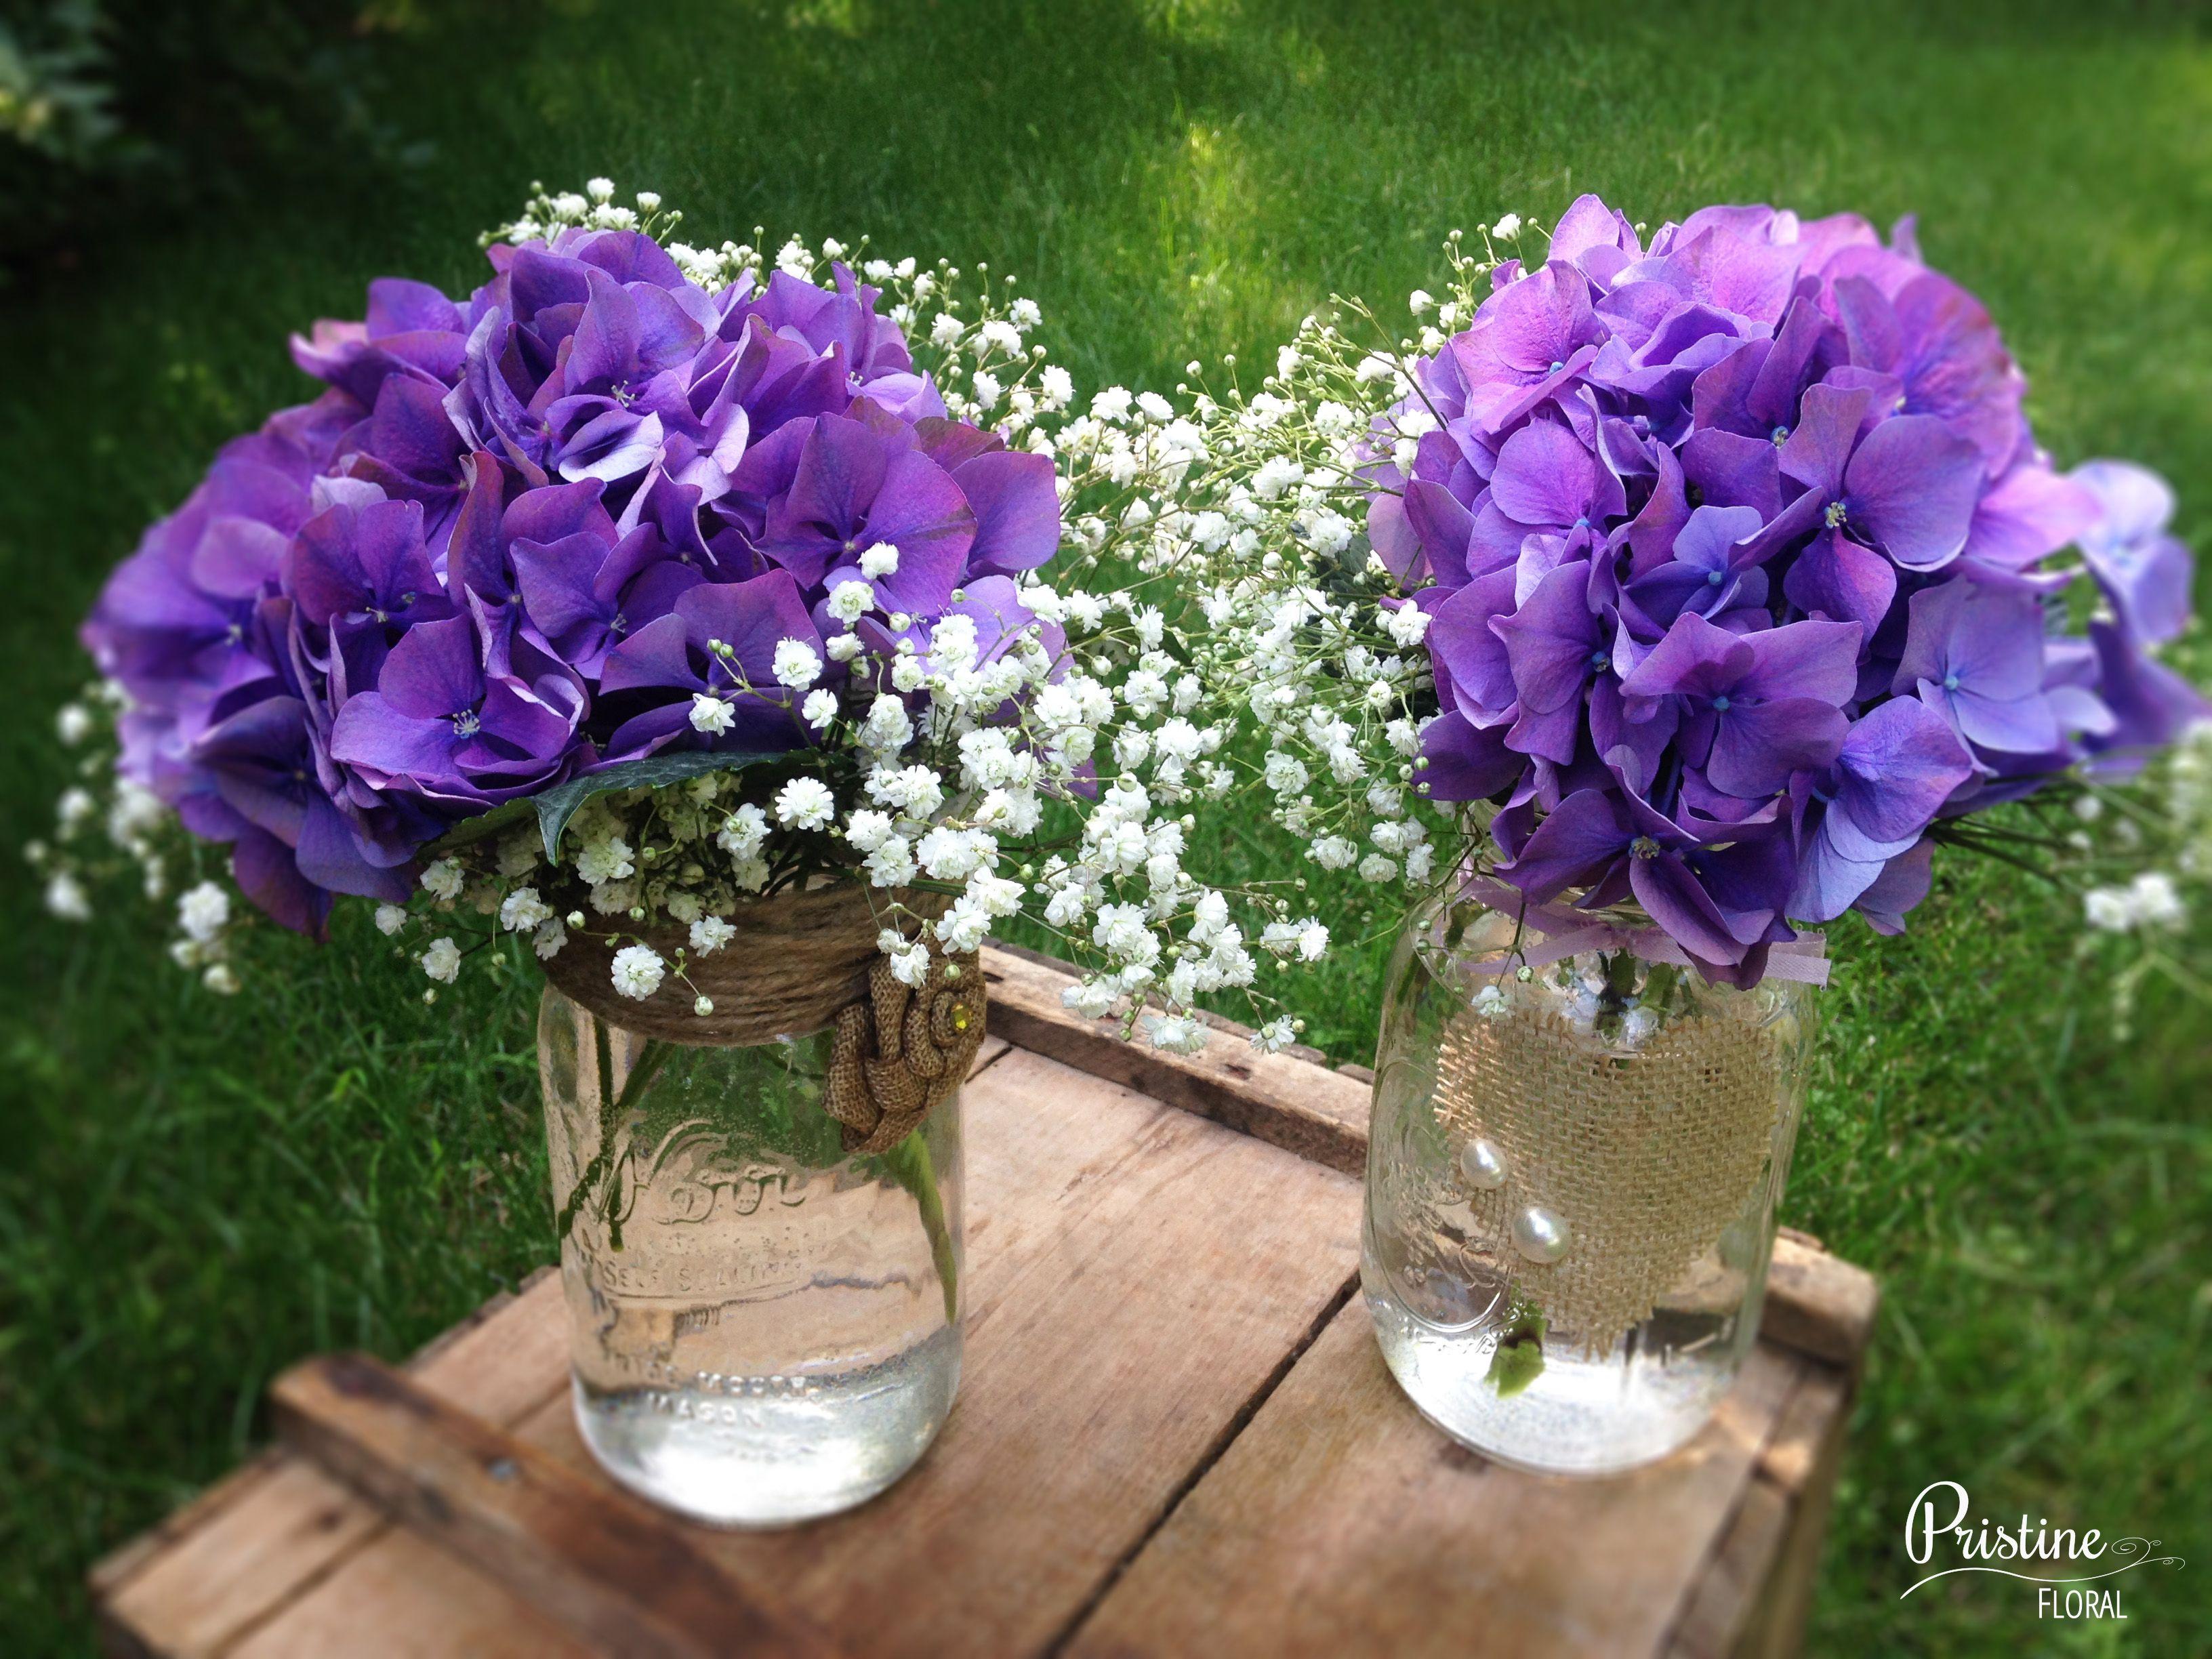 Rustic mason jar centerpieces designed with purple